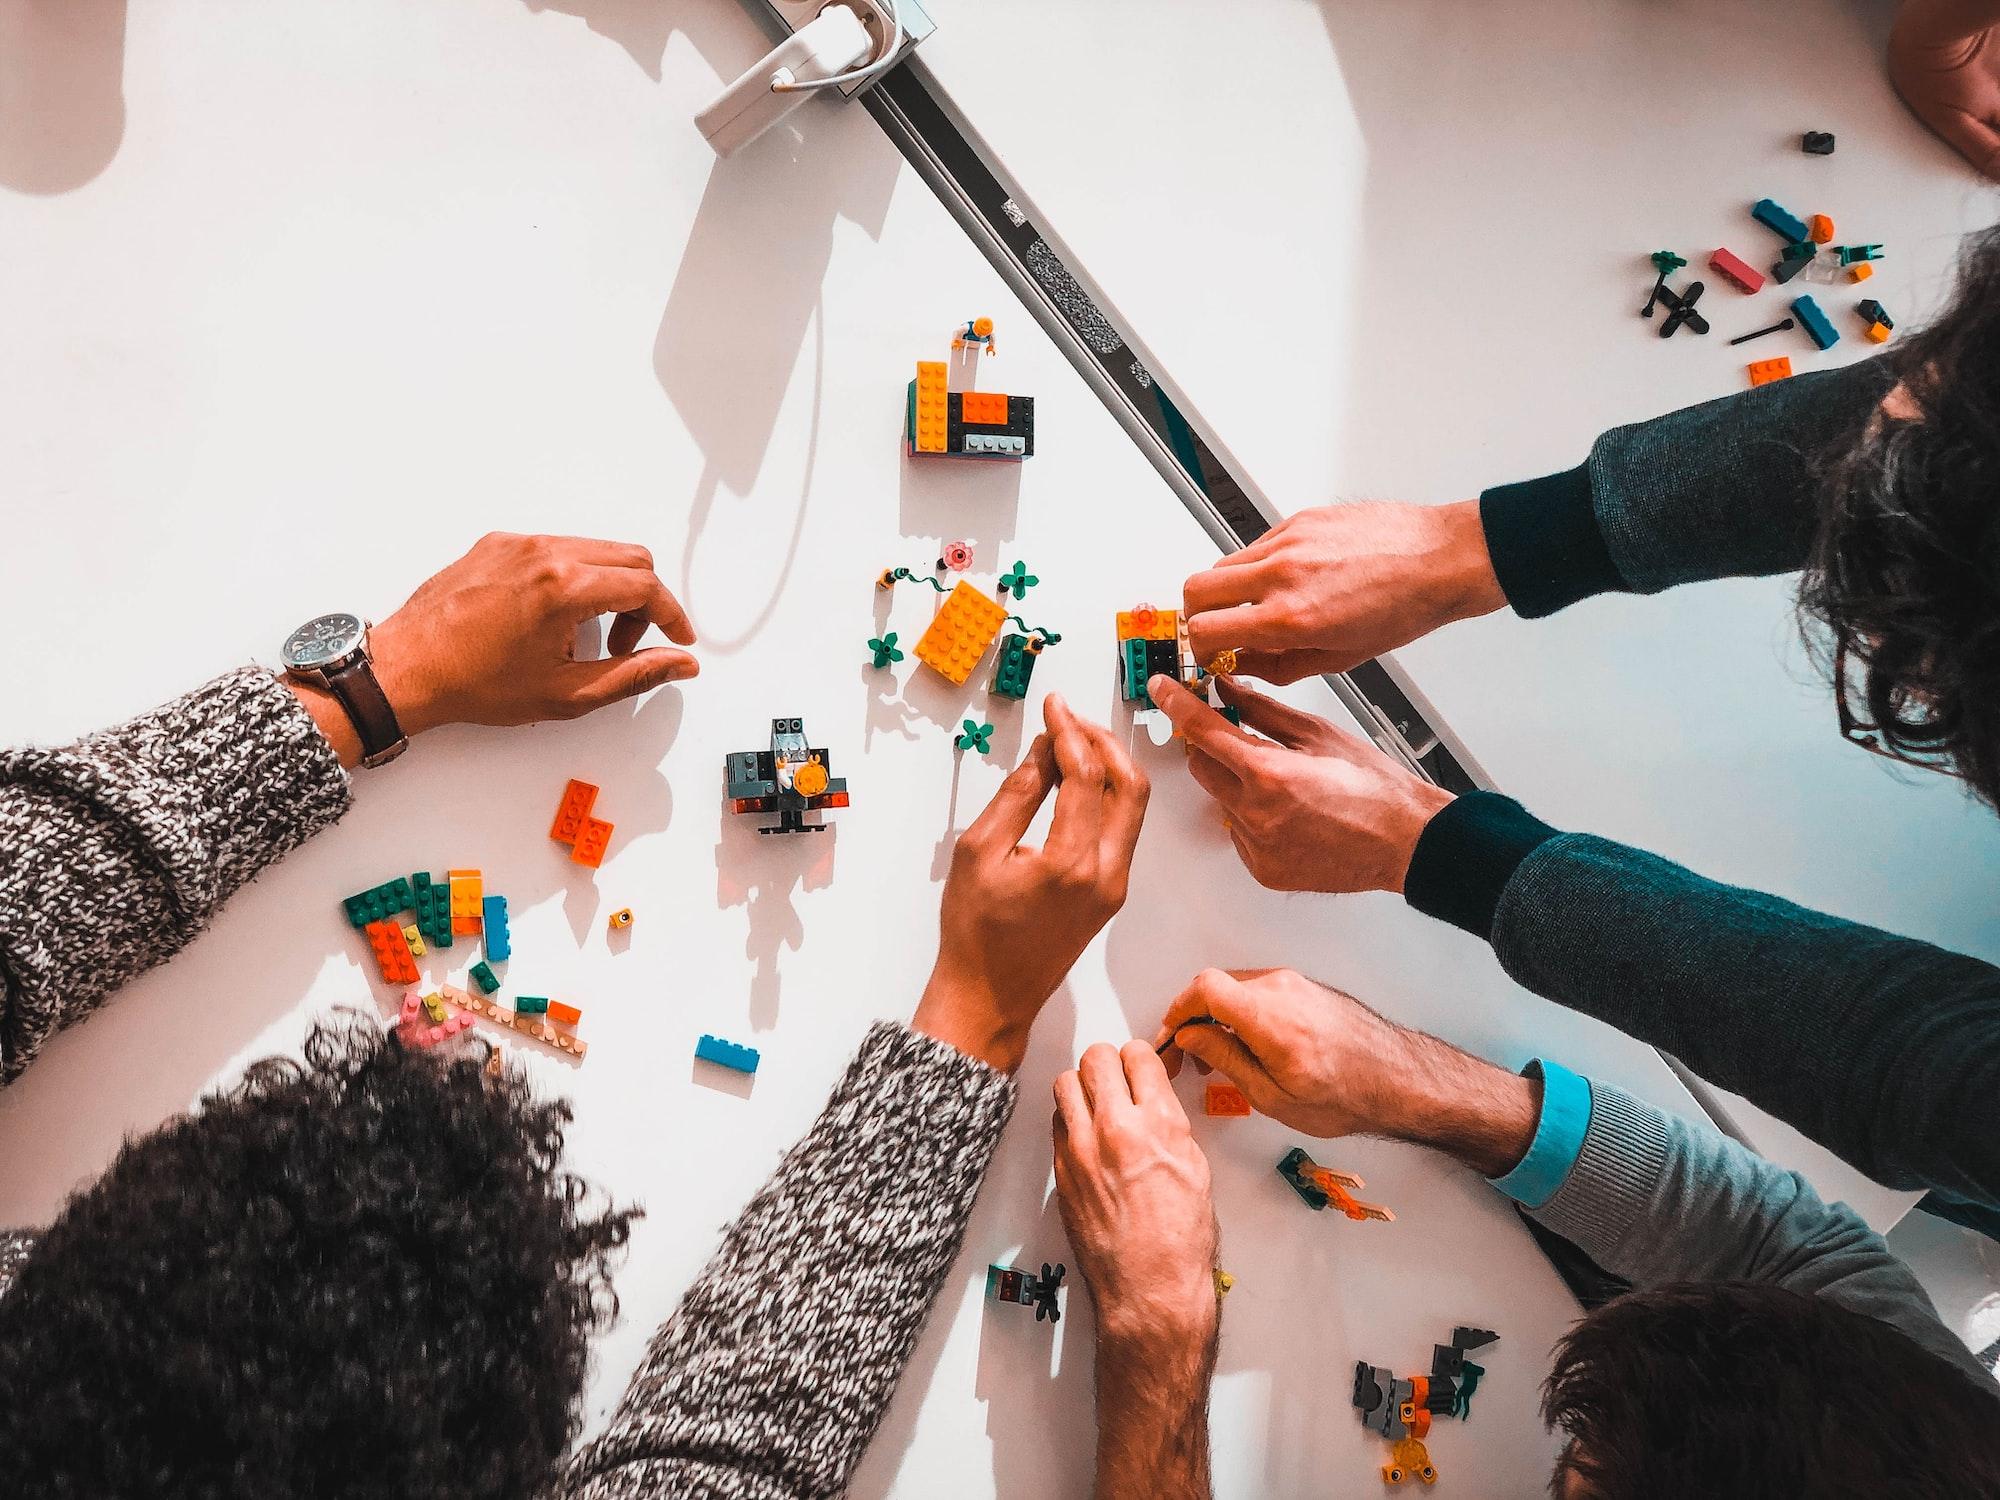 Team building Lego model.  Please, credit my pictures : @sebastien__bonneval